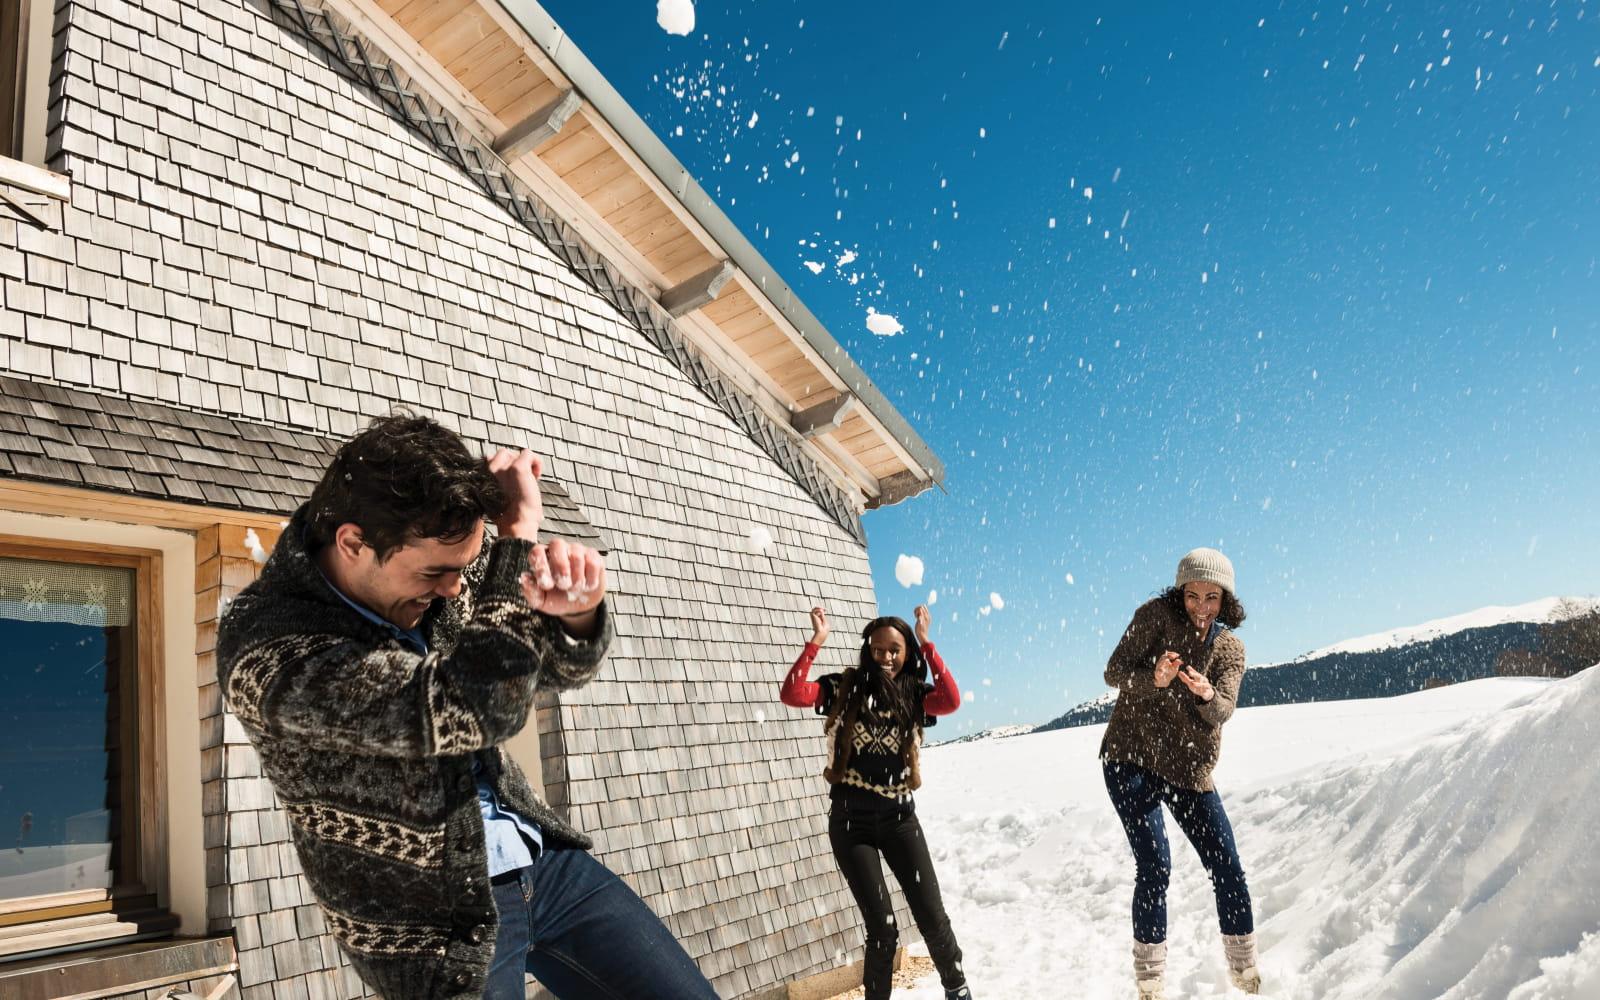 Bataille de boules de neige devant un chalet traditionnel à tavaillons